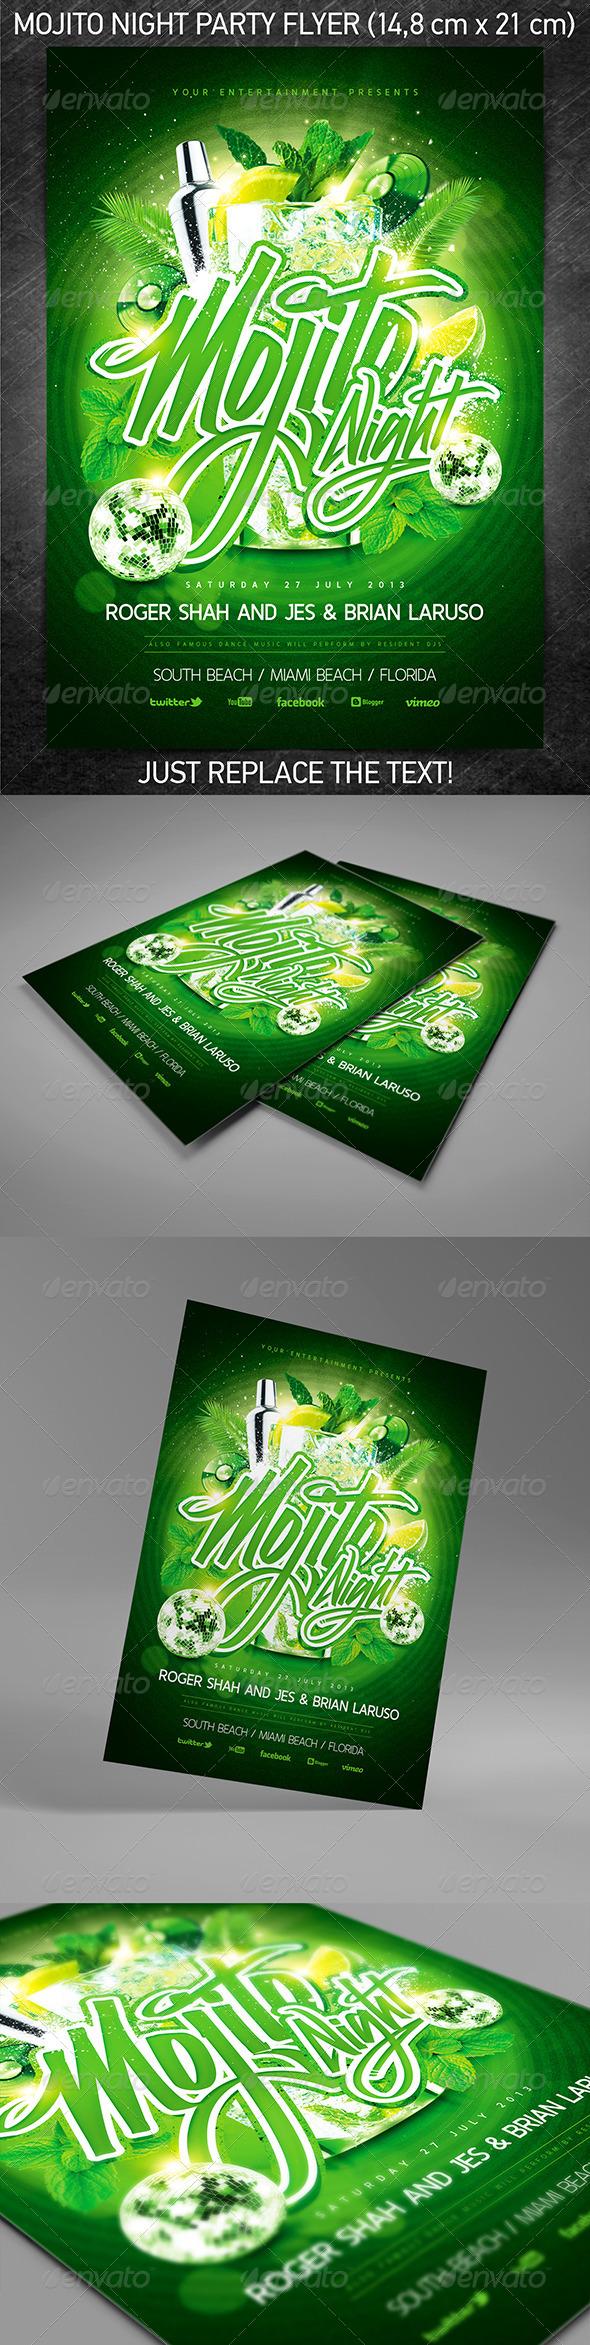 GraphicRiver Mojito Night Party Flyer 5155126